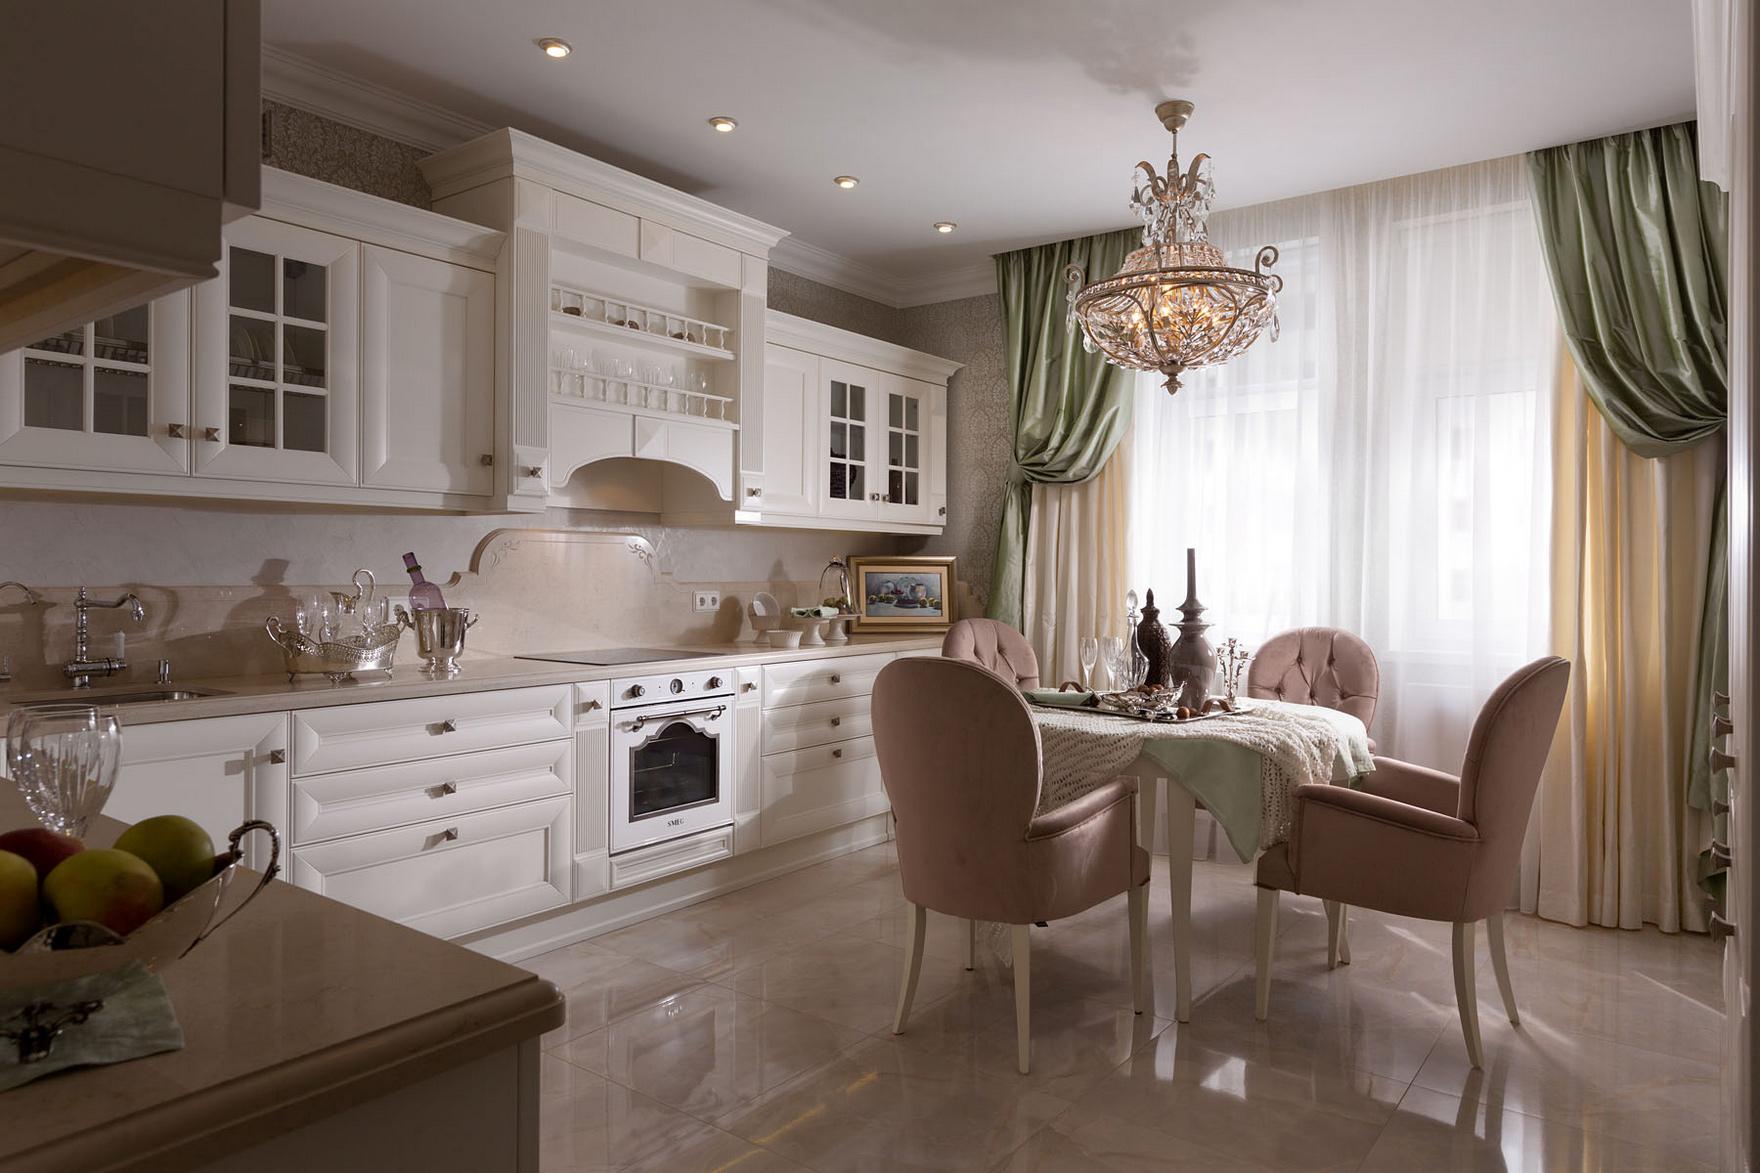 Красивая классическая кухня с обеденным столом